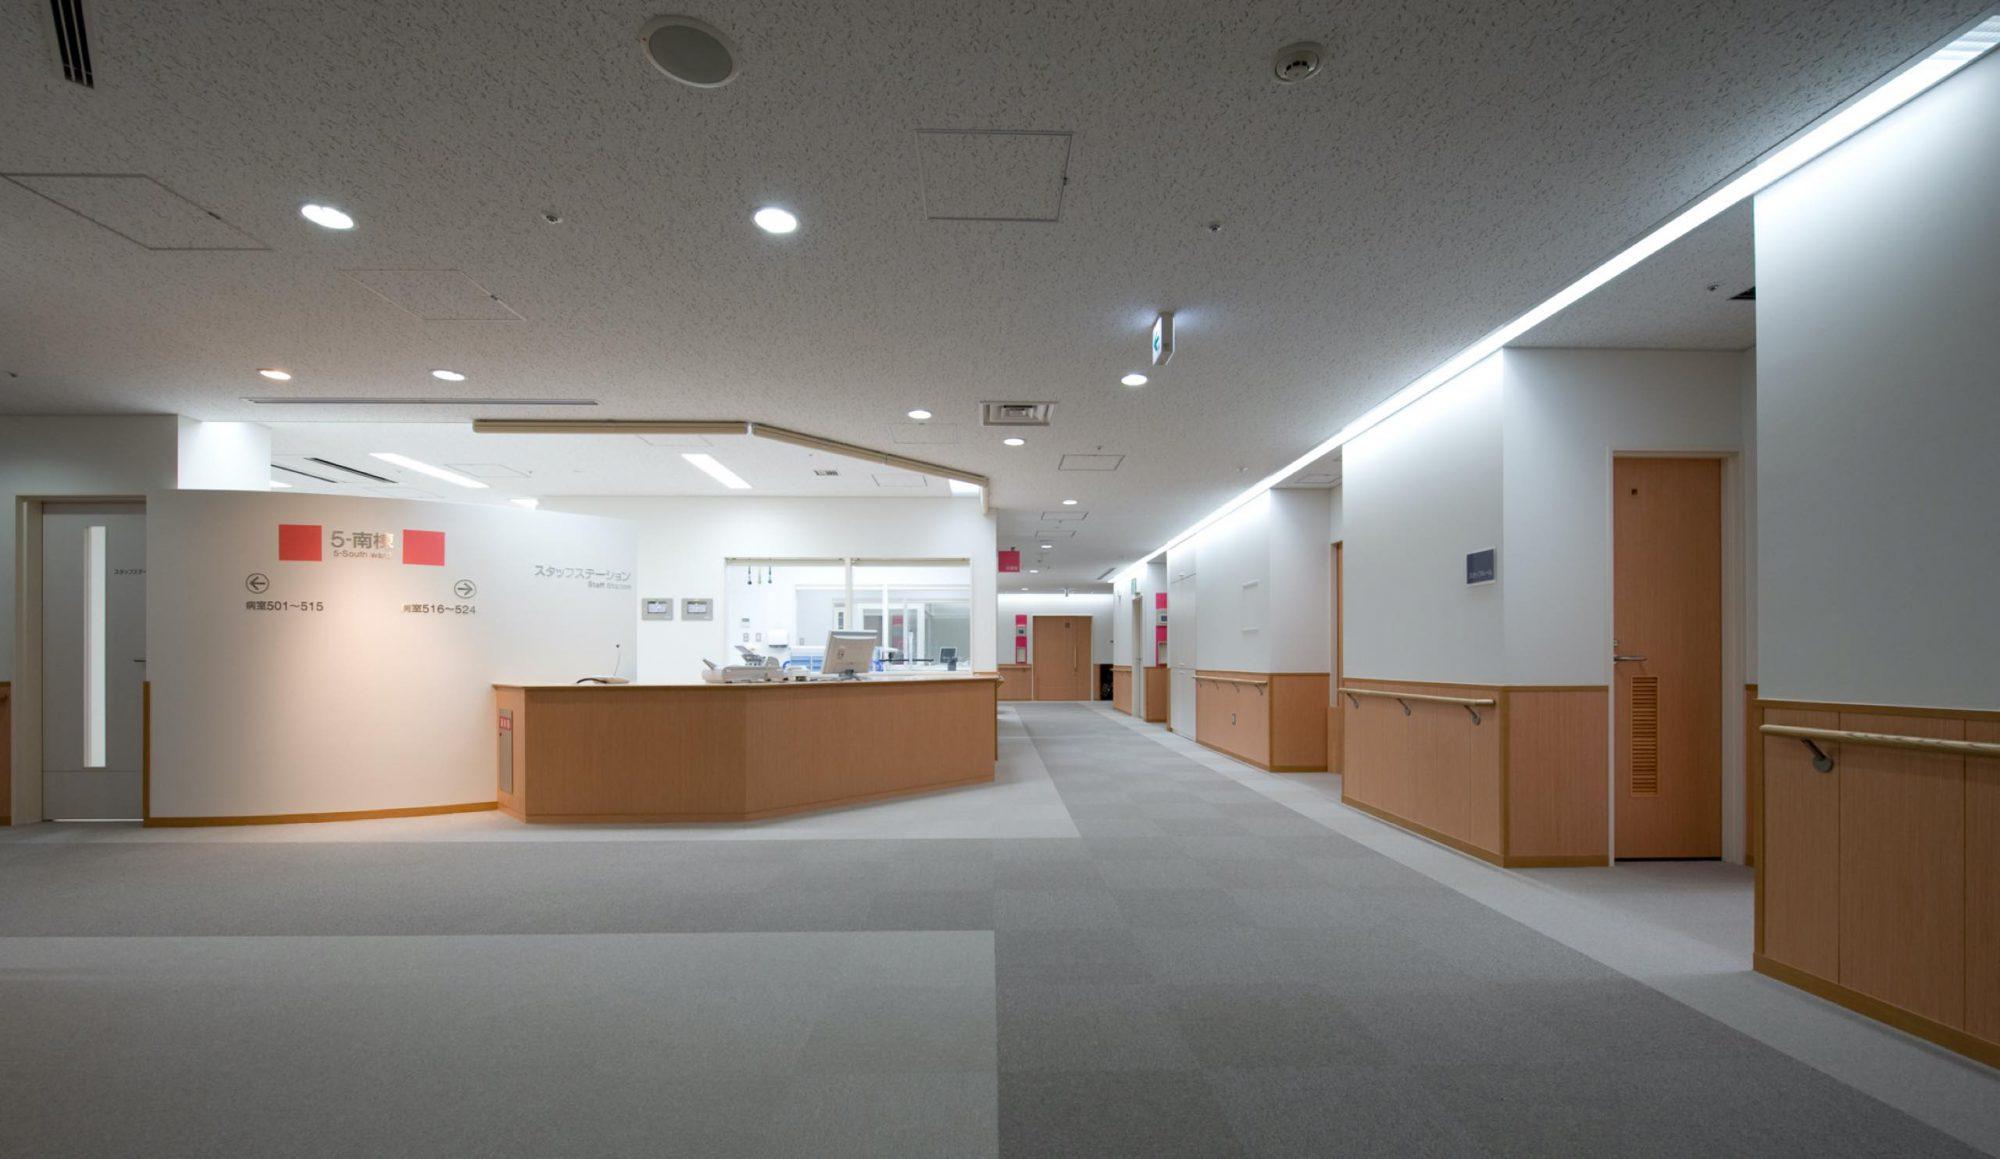 病棟/スタッフステーション受付廻り